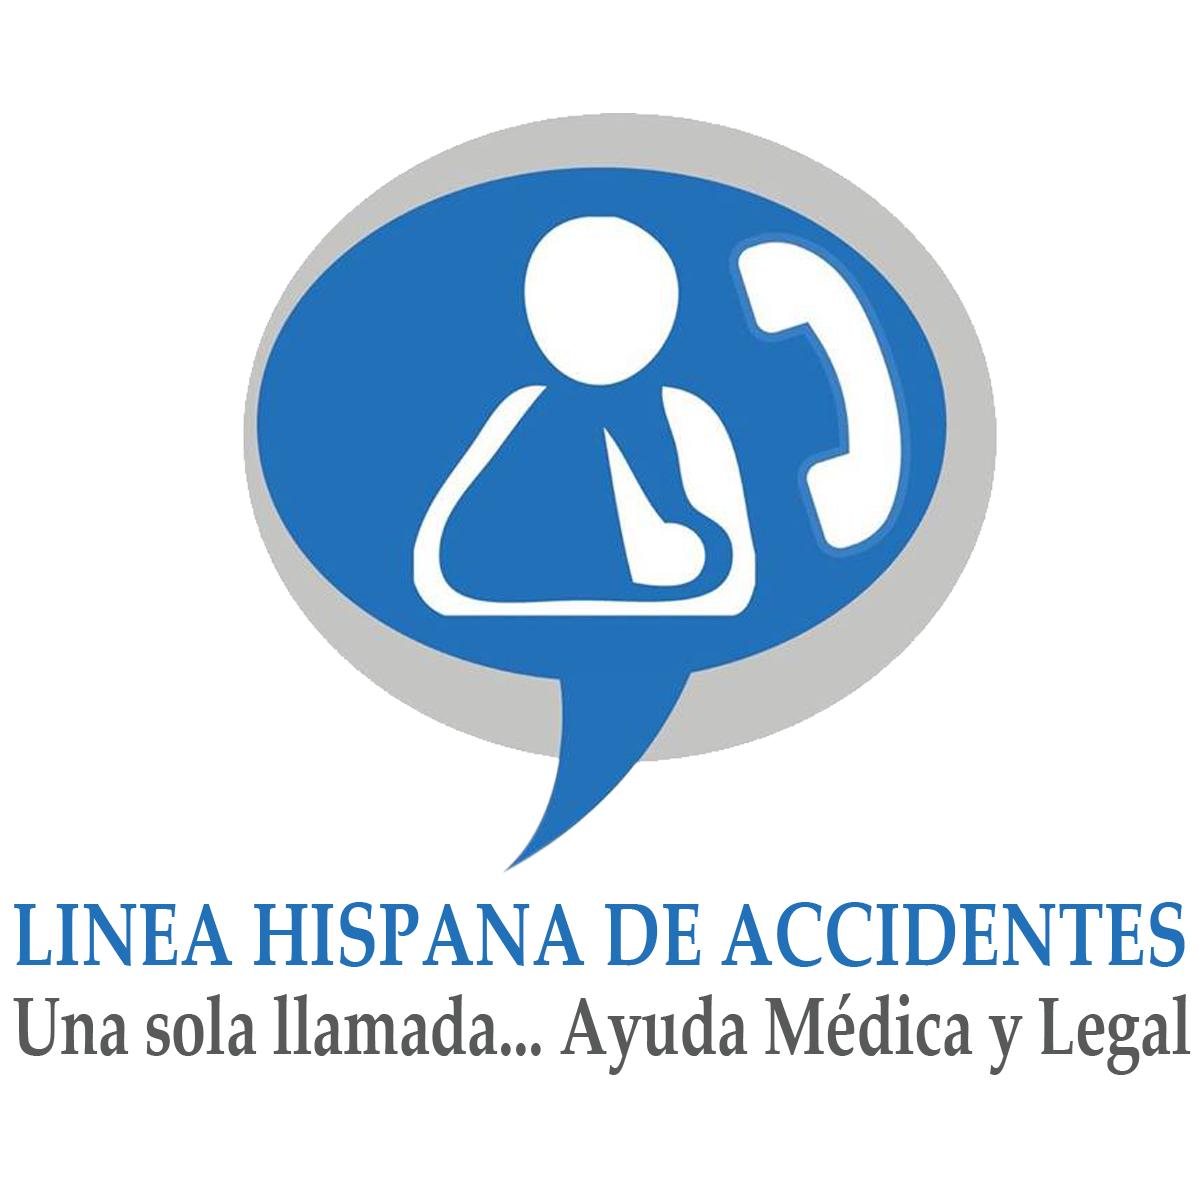 Linea Hispana de Accidentes Ft. Myers - Ft. Myers, FL 33919 - (239)309-2656 | ShowMeLocal.com